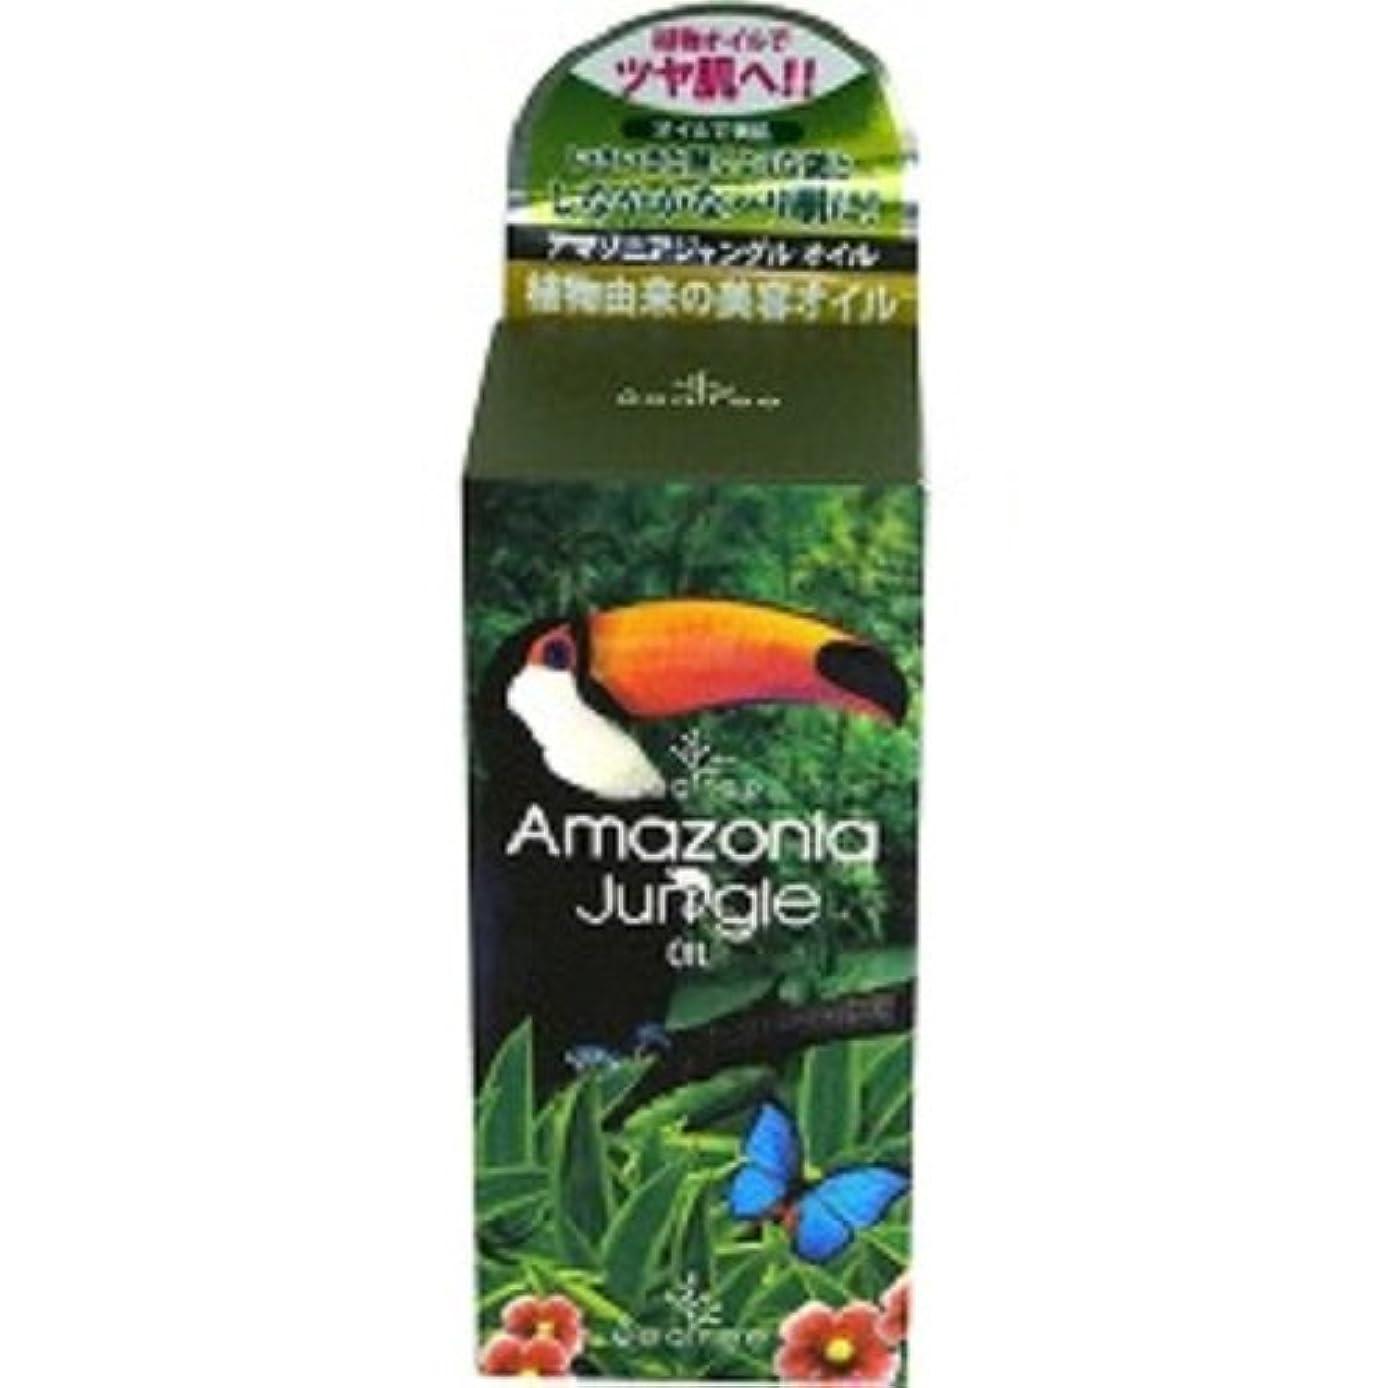 放送に同意するステーキシーツリー アマゾニアジャングルオイル